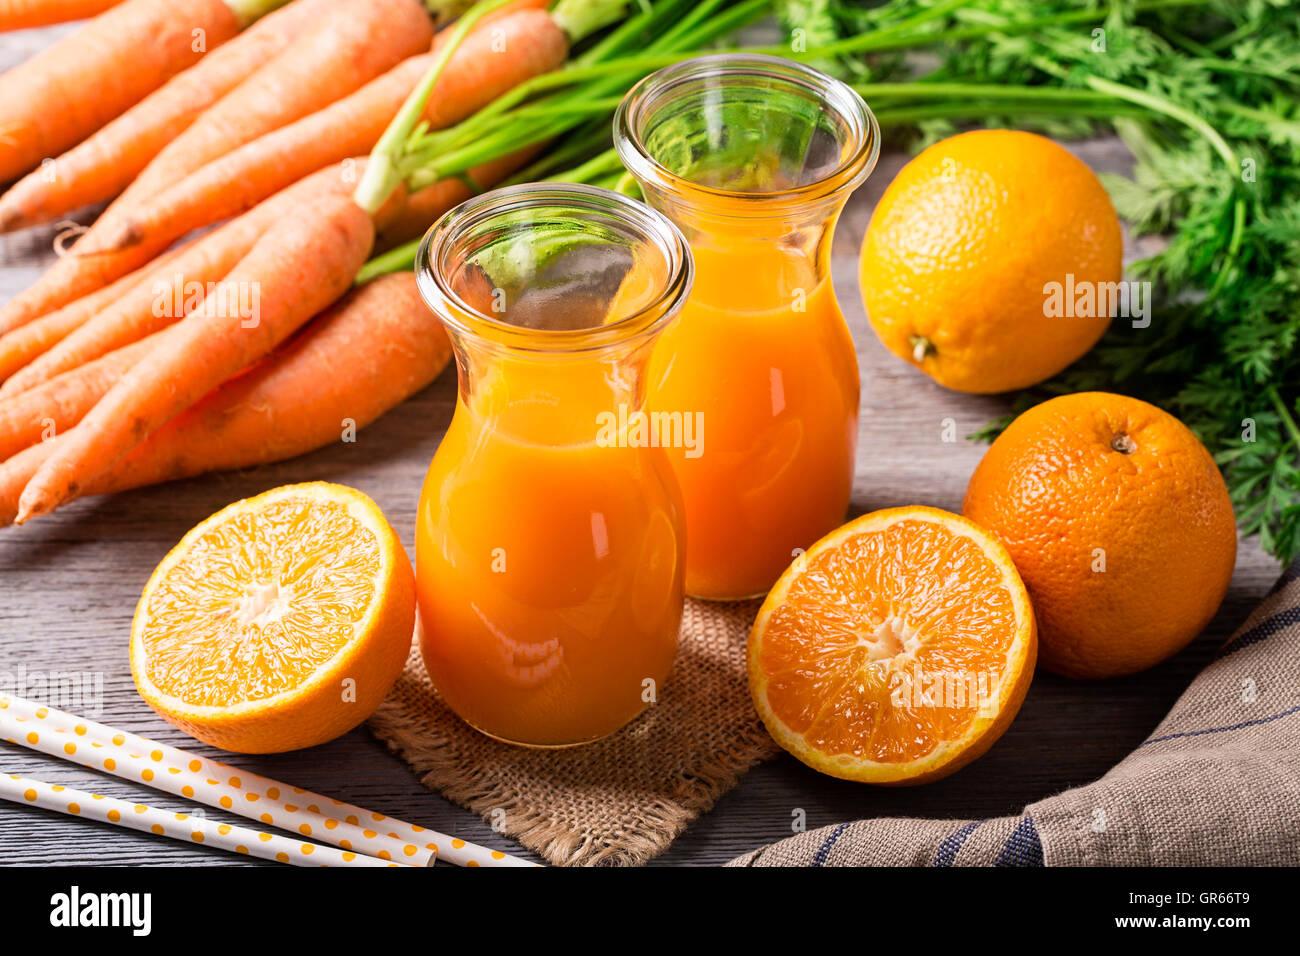 Zanahoria zumo de naranja sobre fondo de madera Imagen De Stock